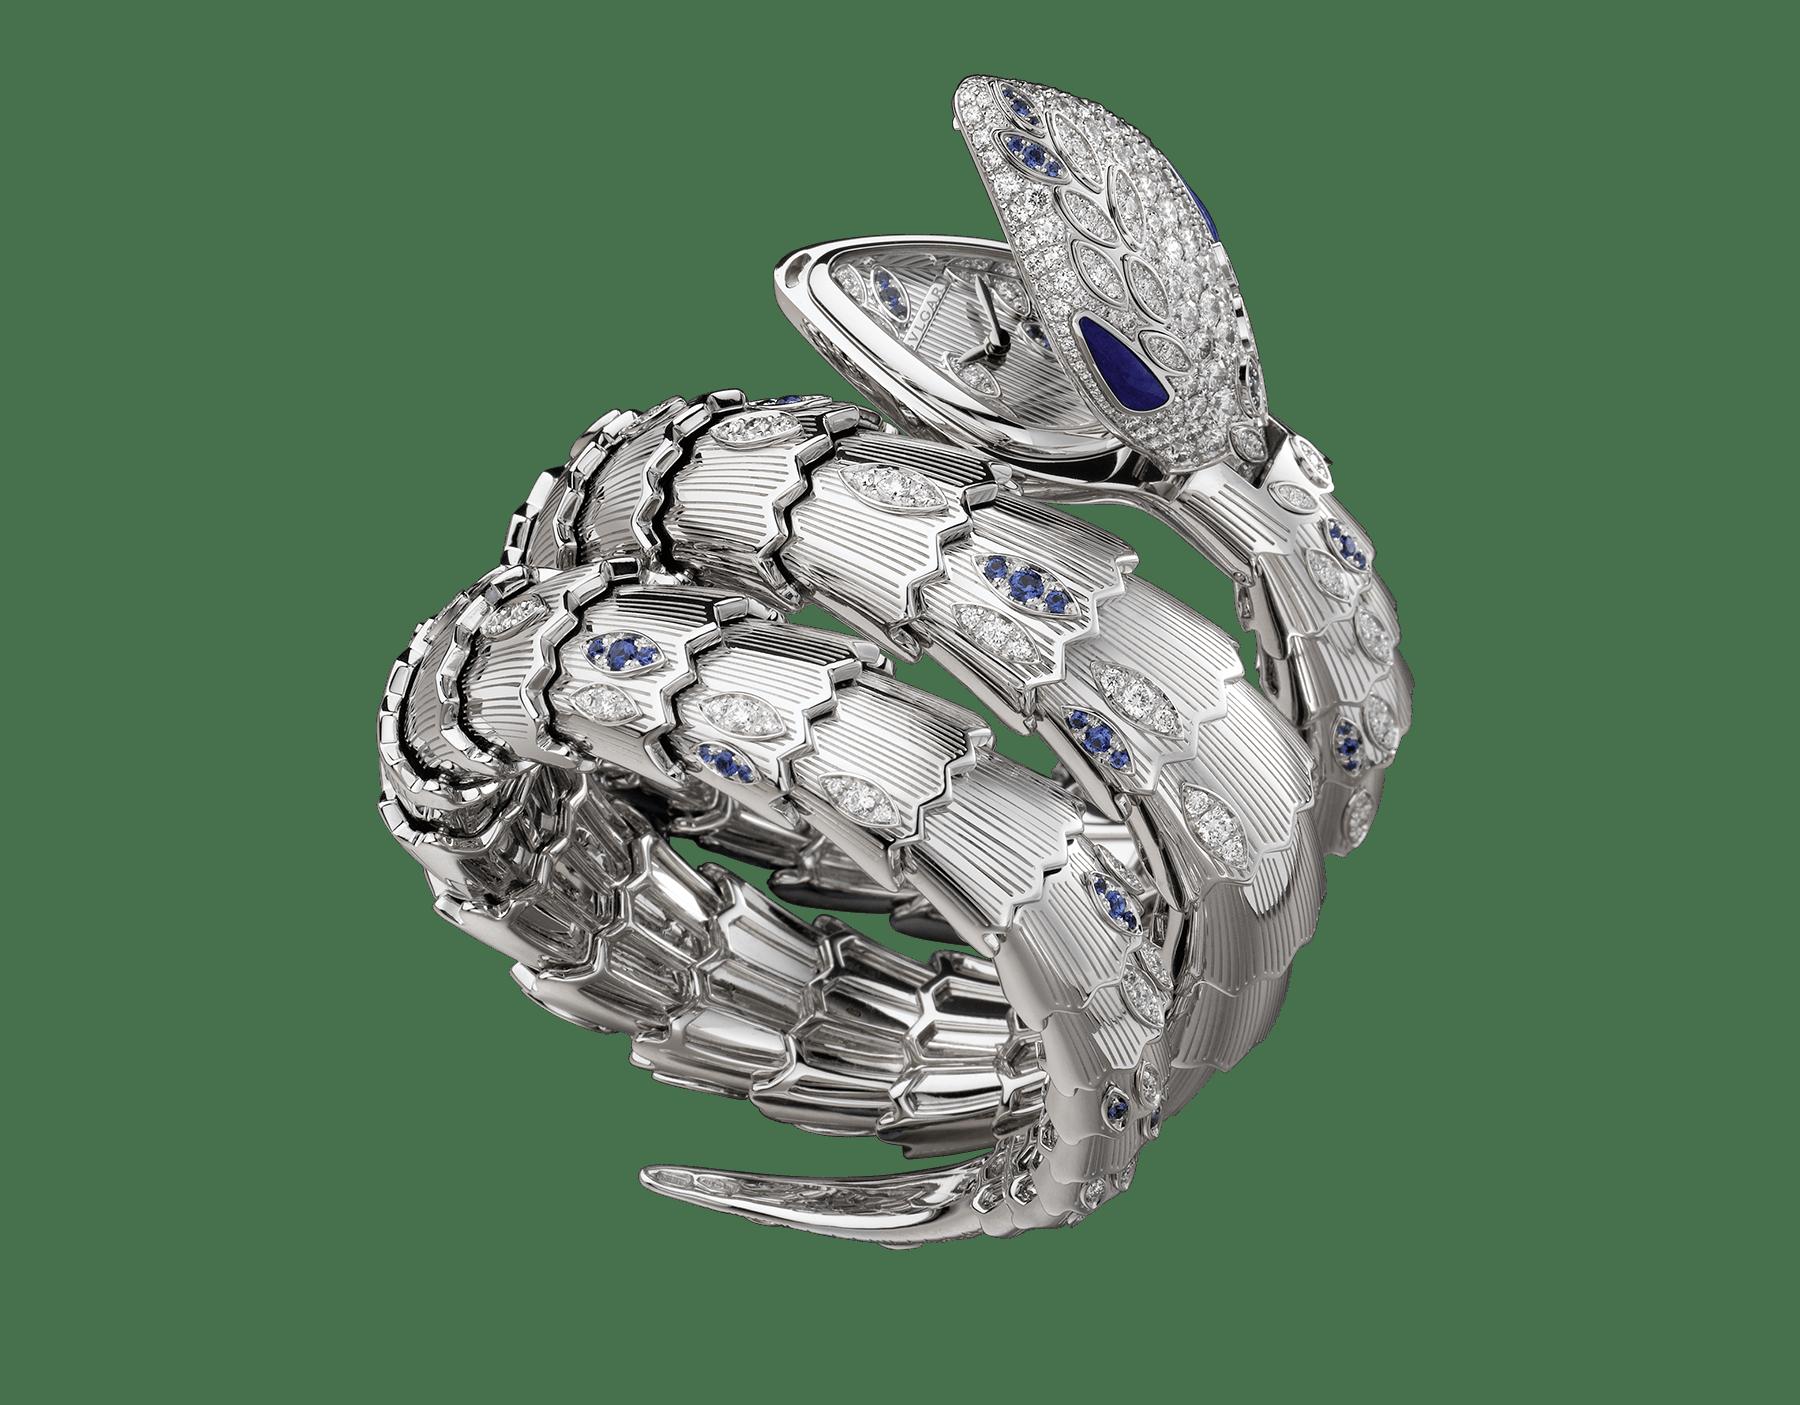 Montre secrète Serpenti avec tête en or blanc 18K sertie de diamants taille brillant, saphirs taille brillant et yeux en lapis-lazuli, boîtier en or blanc 18K, cadran et bracelet double spirale en or blanc 18K sertis de diamants taille brillant et saphirs taille brillant. 102000 image 1